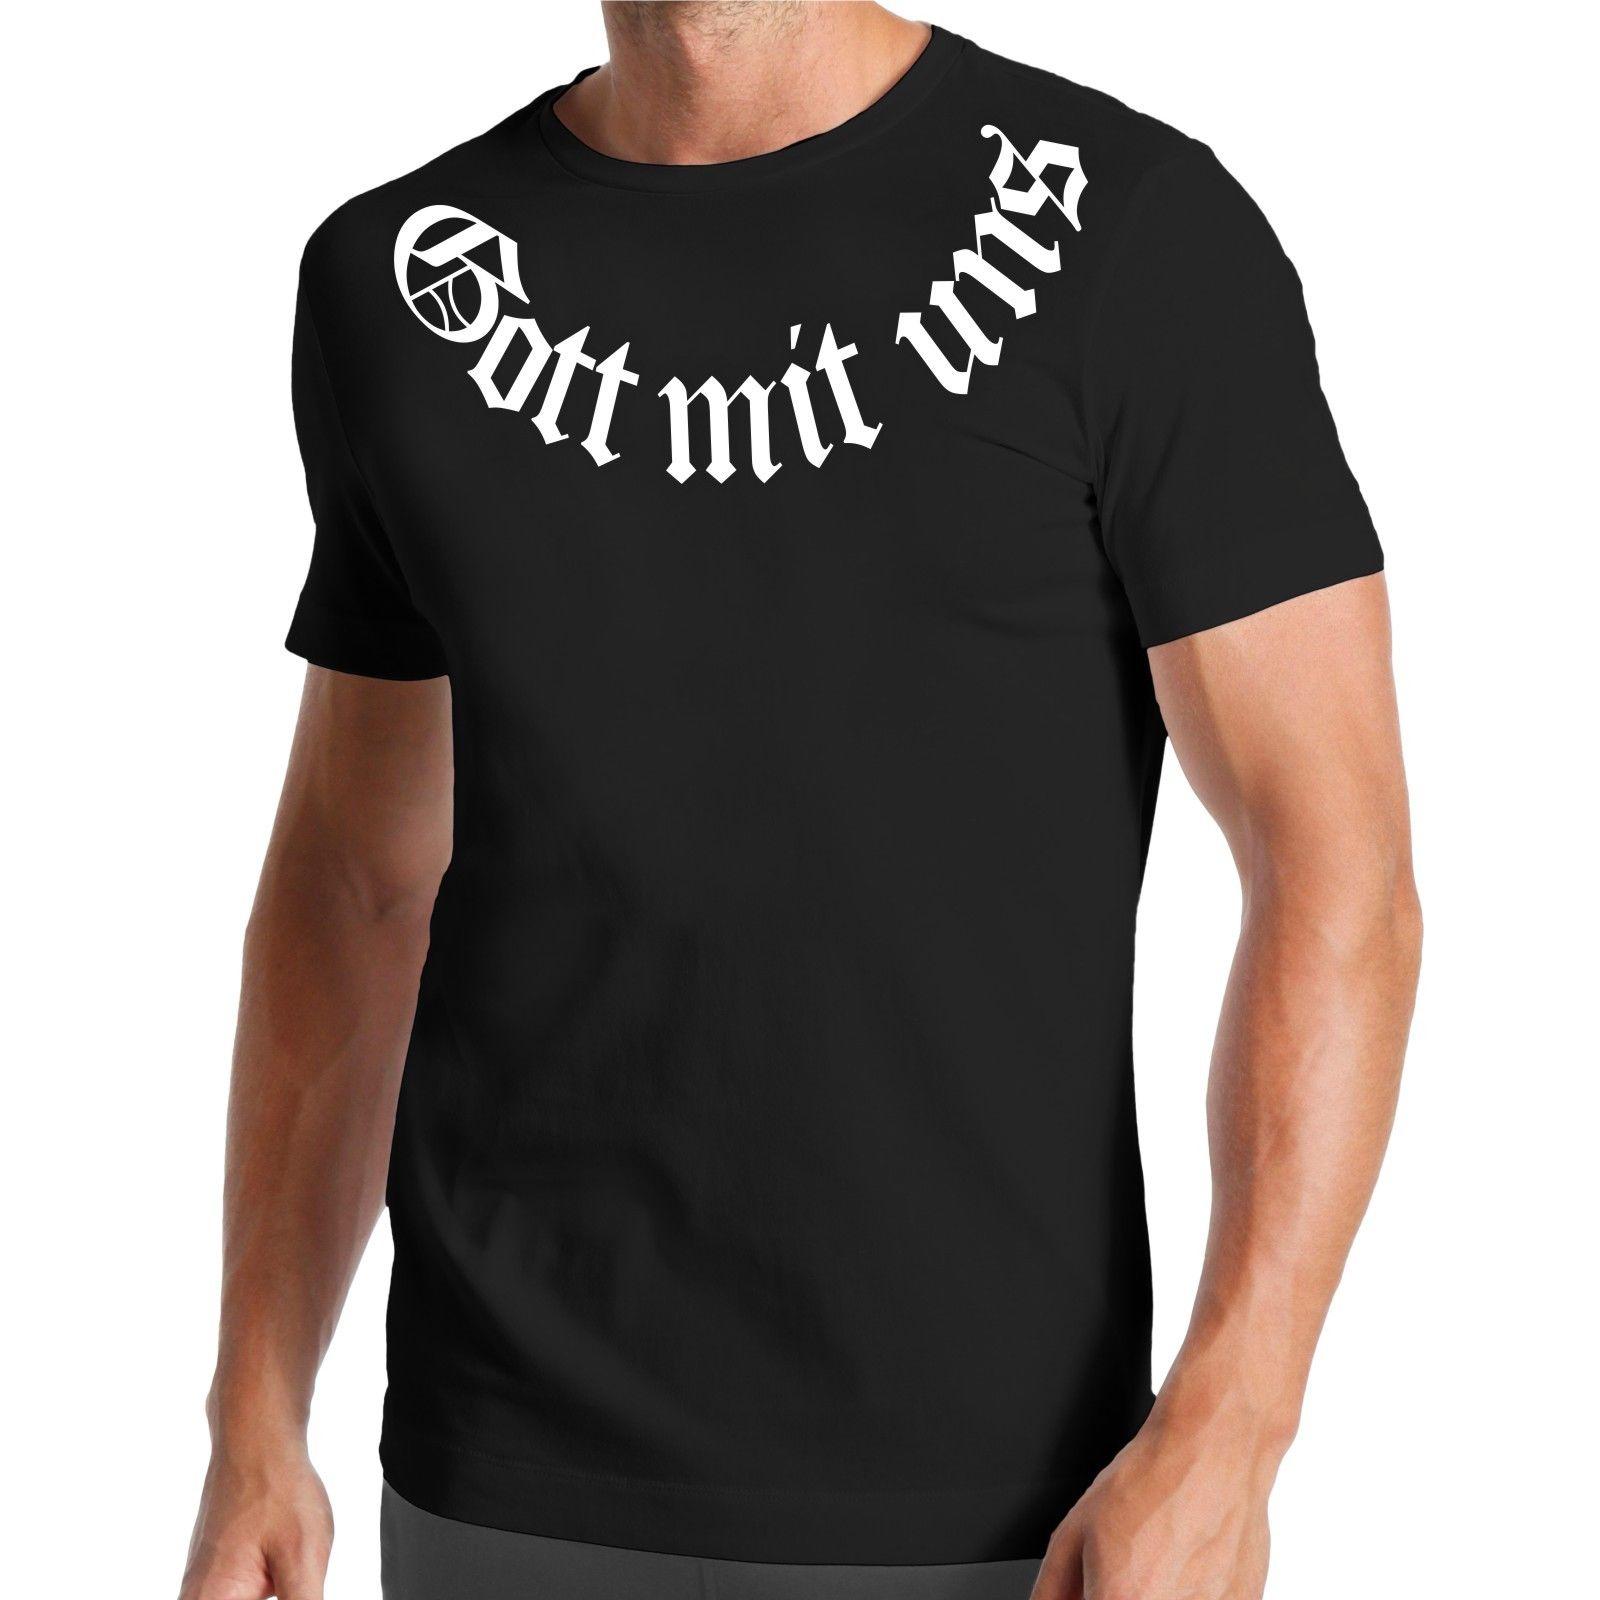 Camiseta Gott Mit Uns, Camisetas para Hombre Jesús, camiseta para Hombre, Camiseta de algodón a la moda para verano, camiseta de manga corta